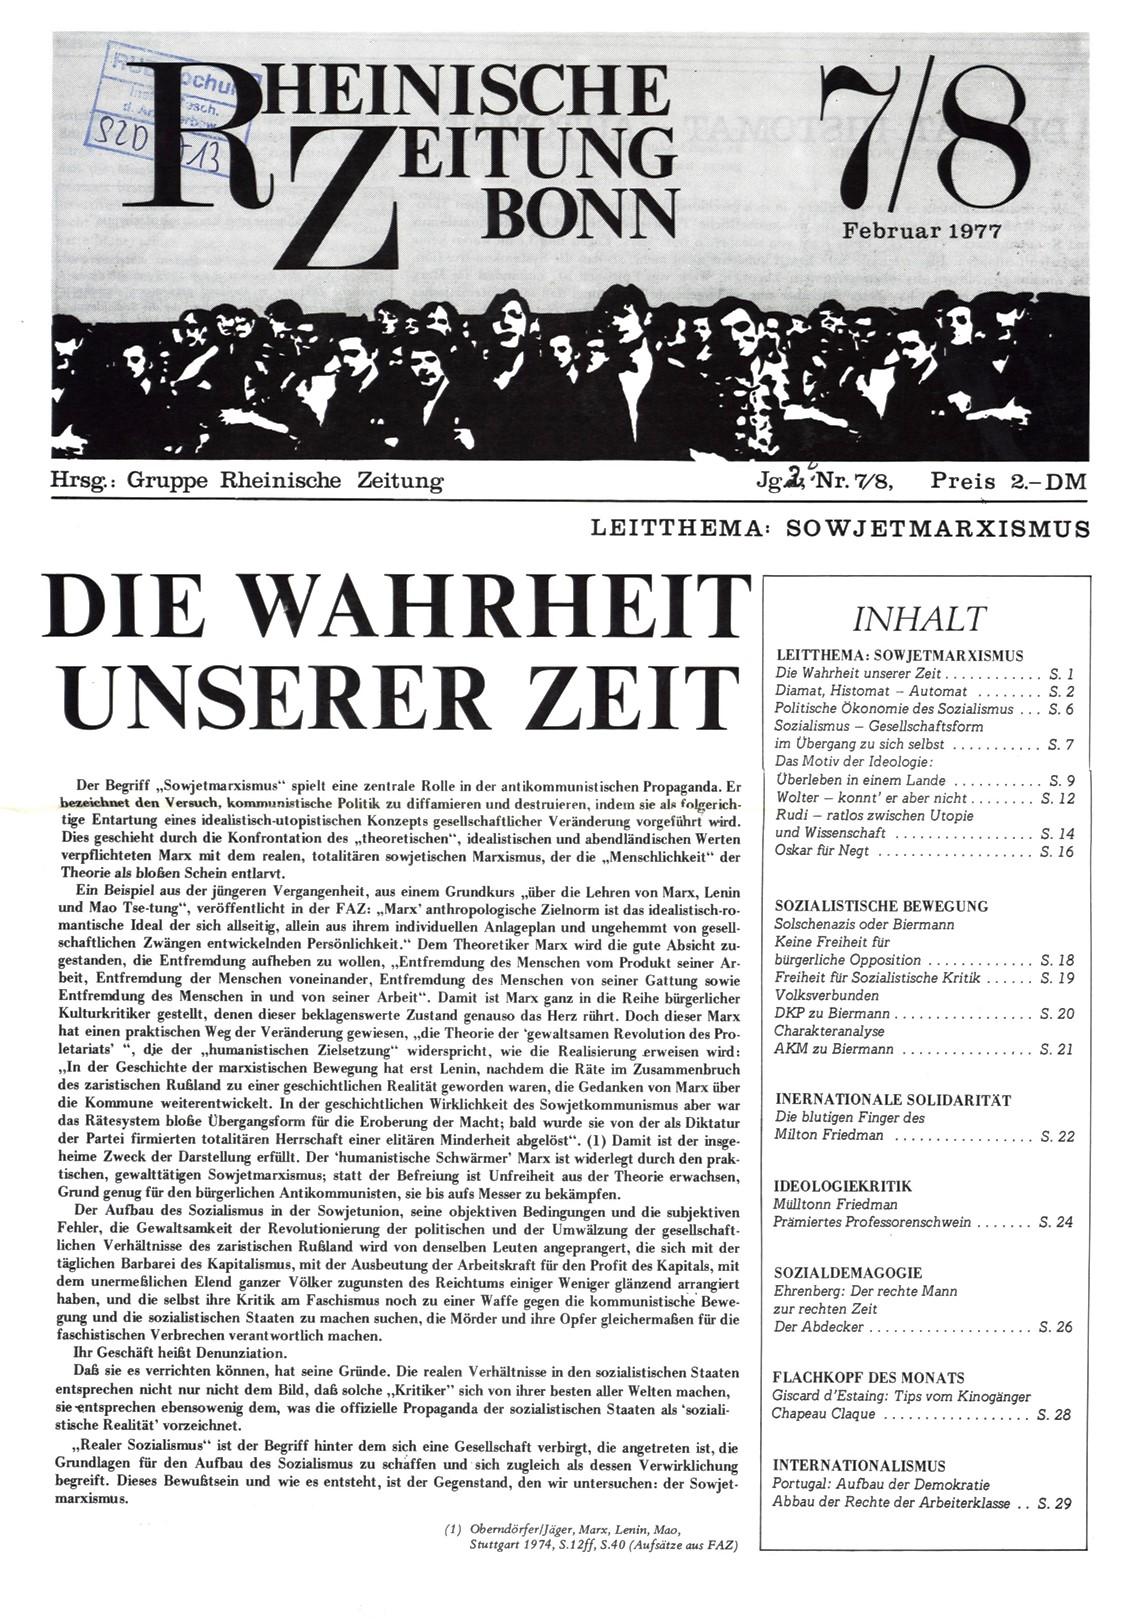 Bonn_RZ_07_08_19770200_01